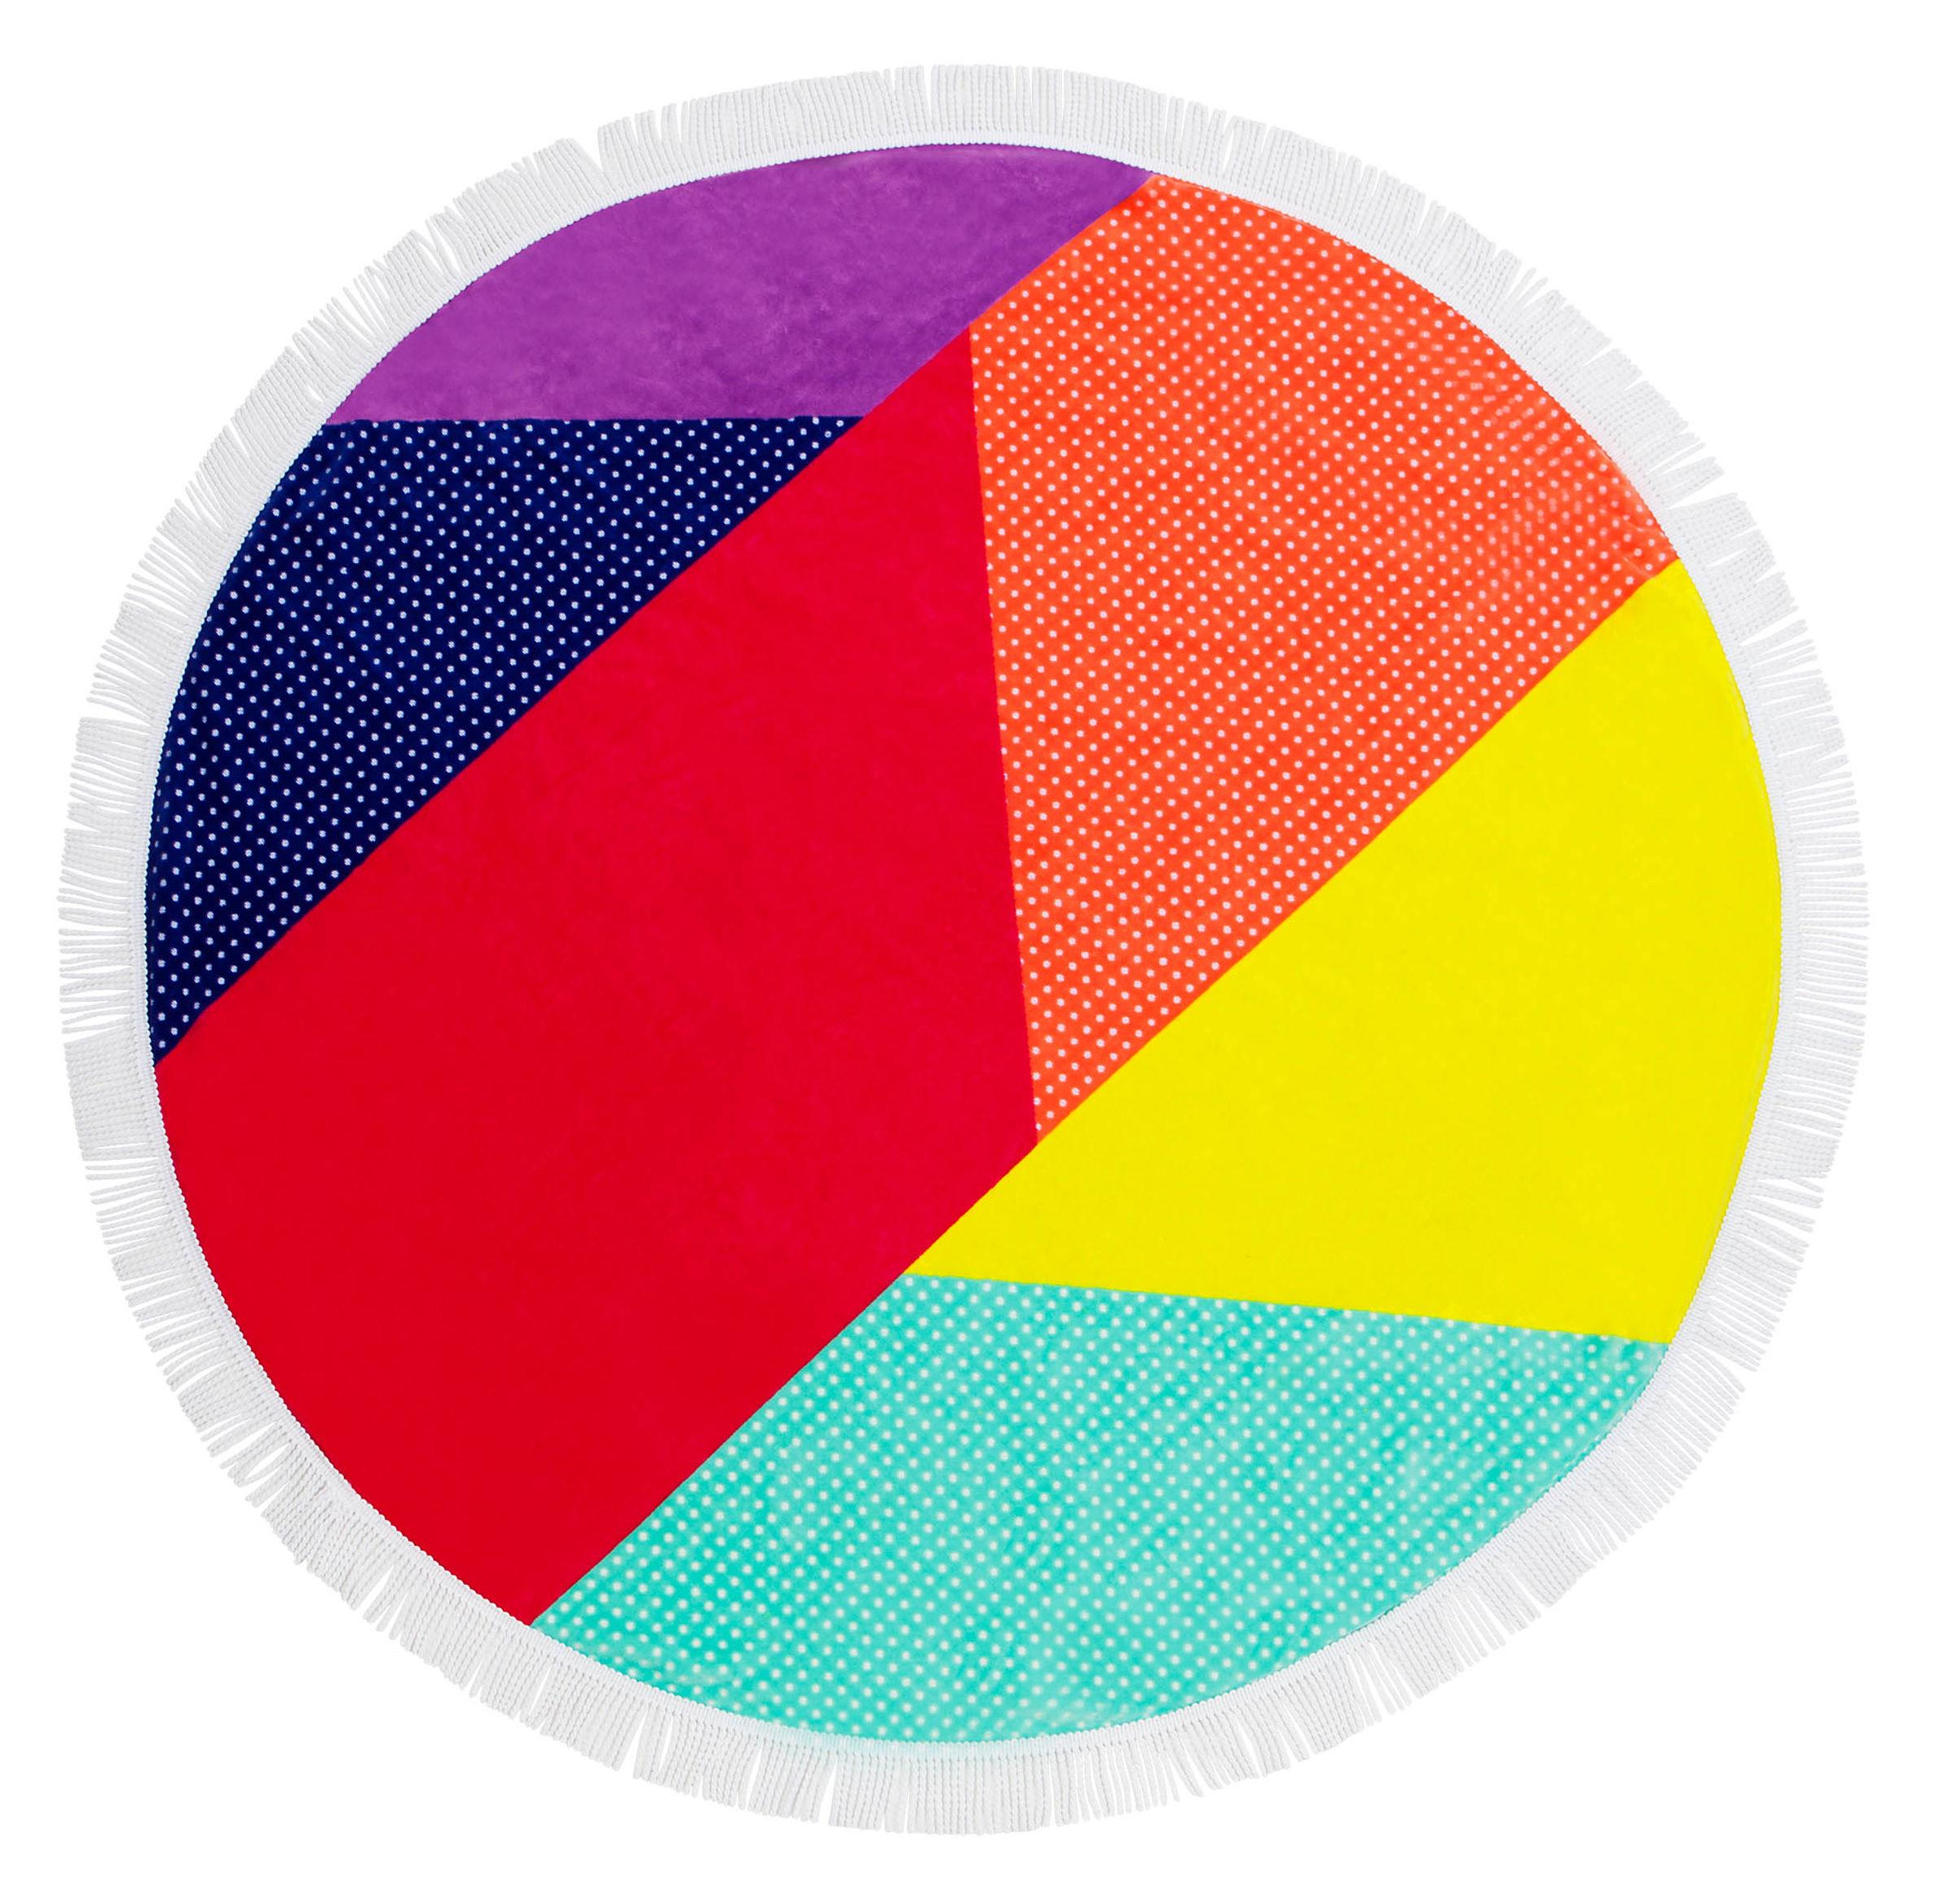 Jardin - Déco et accessoires - Drap de bain Hulule / Ø 150 cm - Coton éponge - Sunnylife - Hulule / Multicolore - Coton éponge